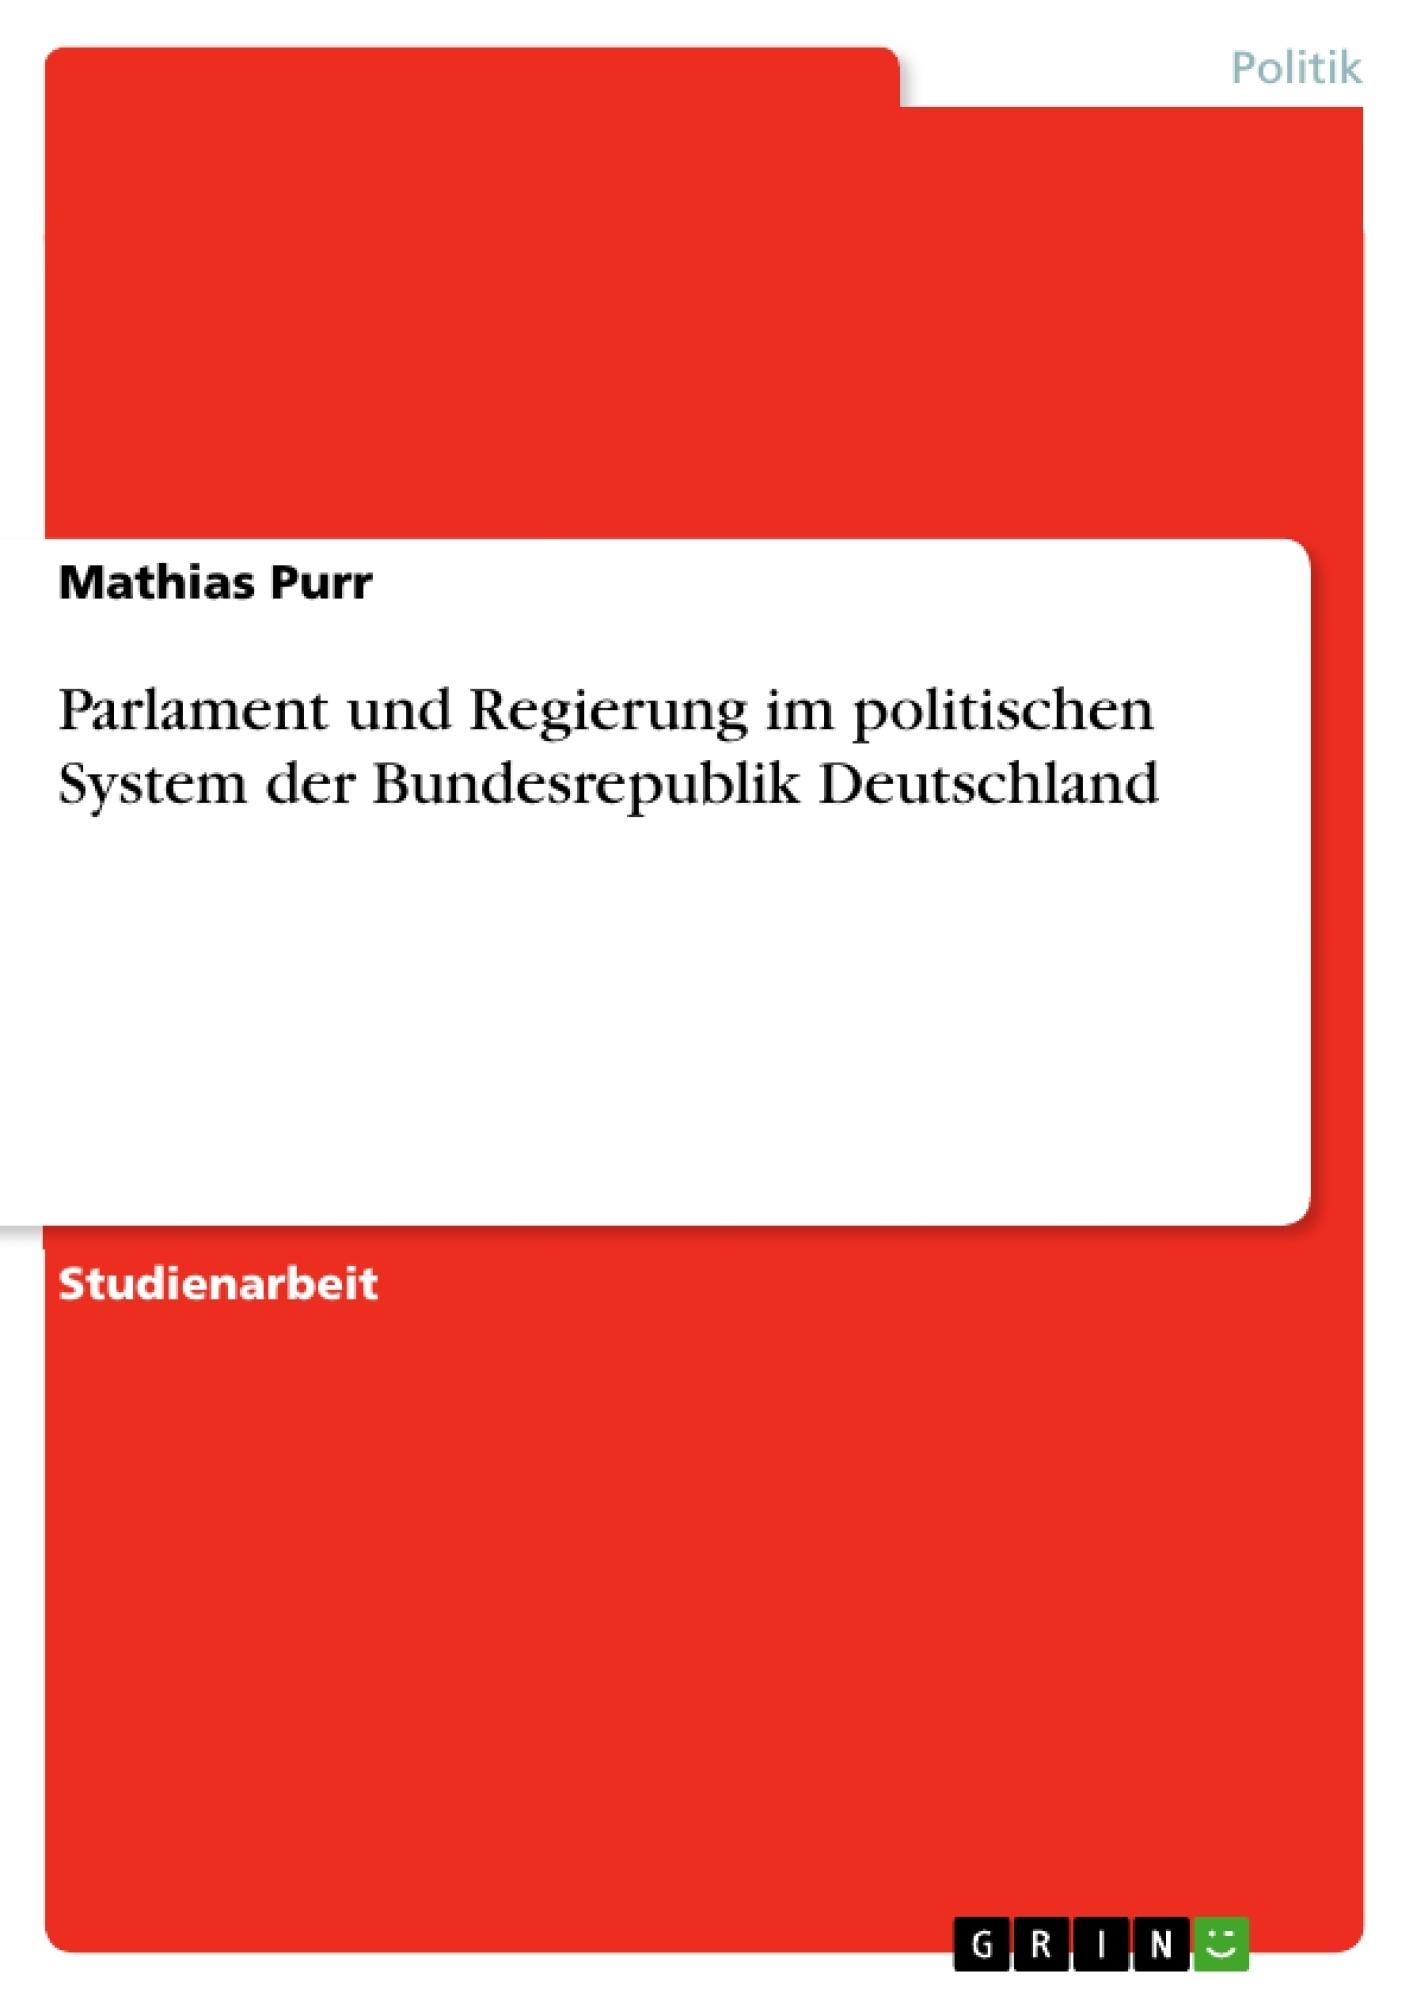 Titel: Parlament und Regierung im politischen System der Bundesrepublik Deutschland